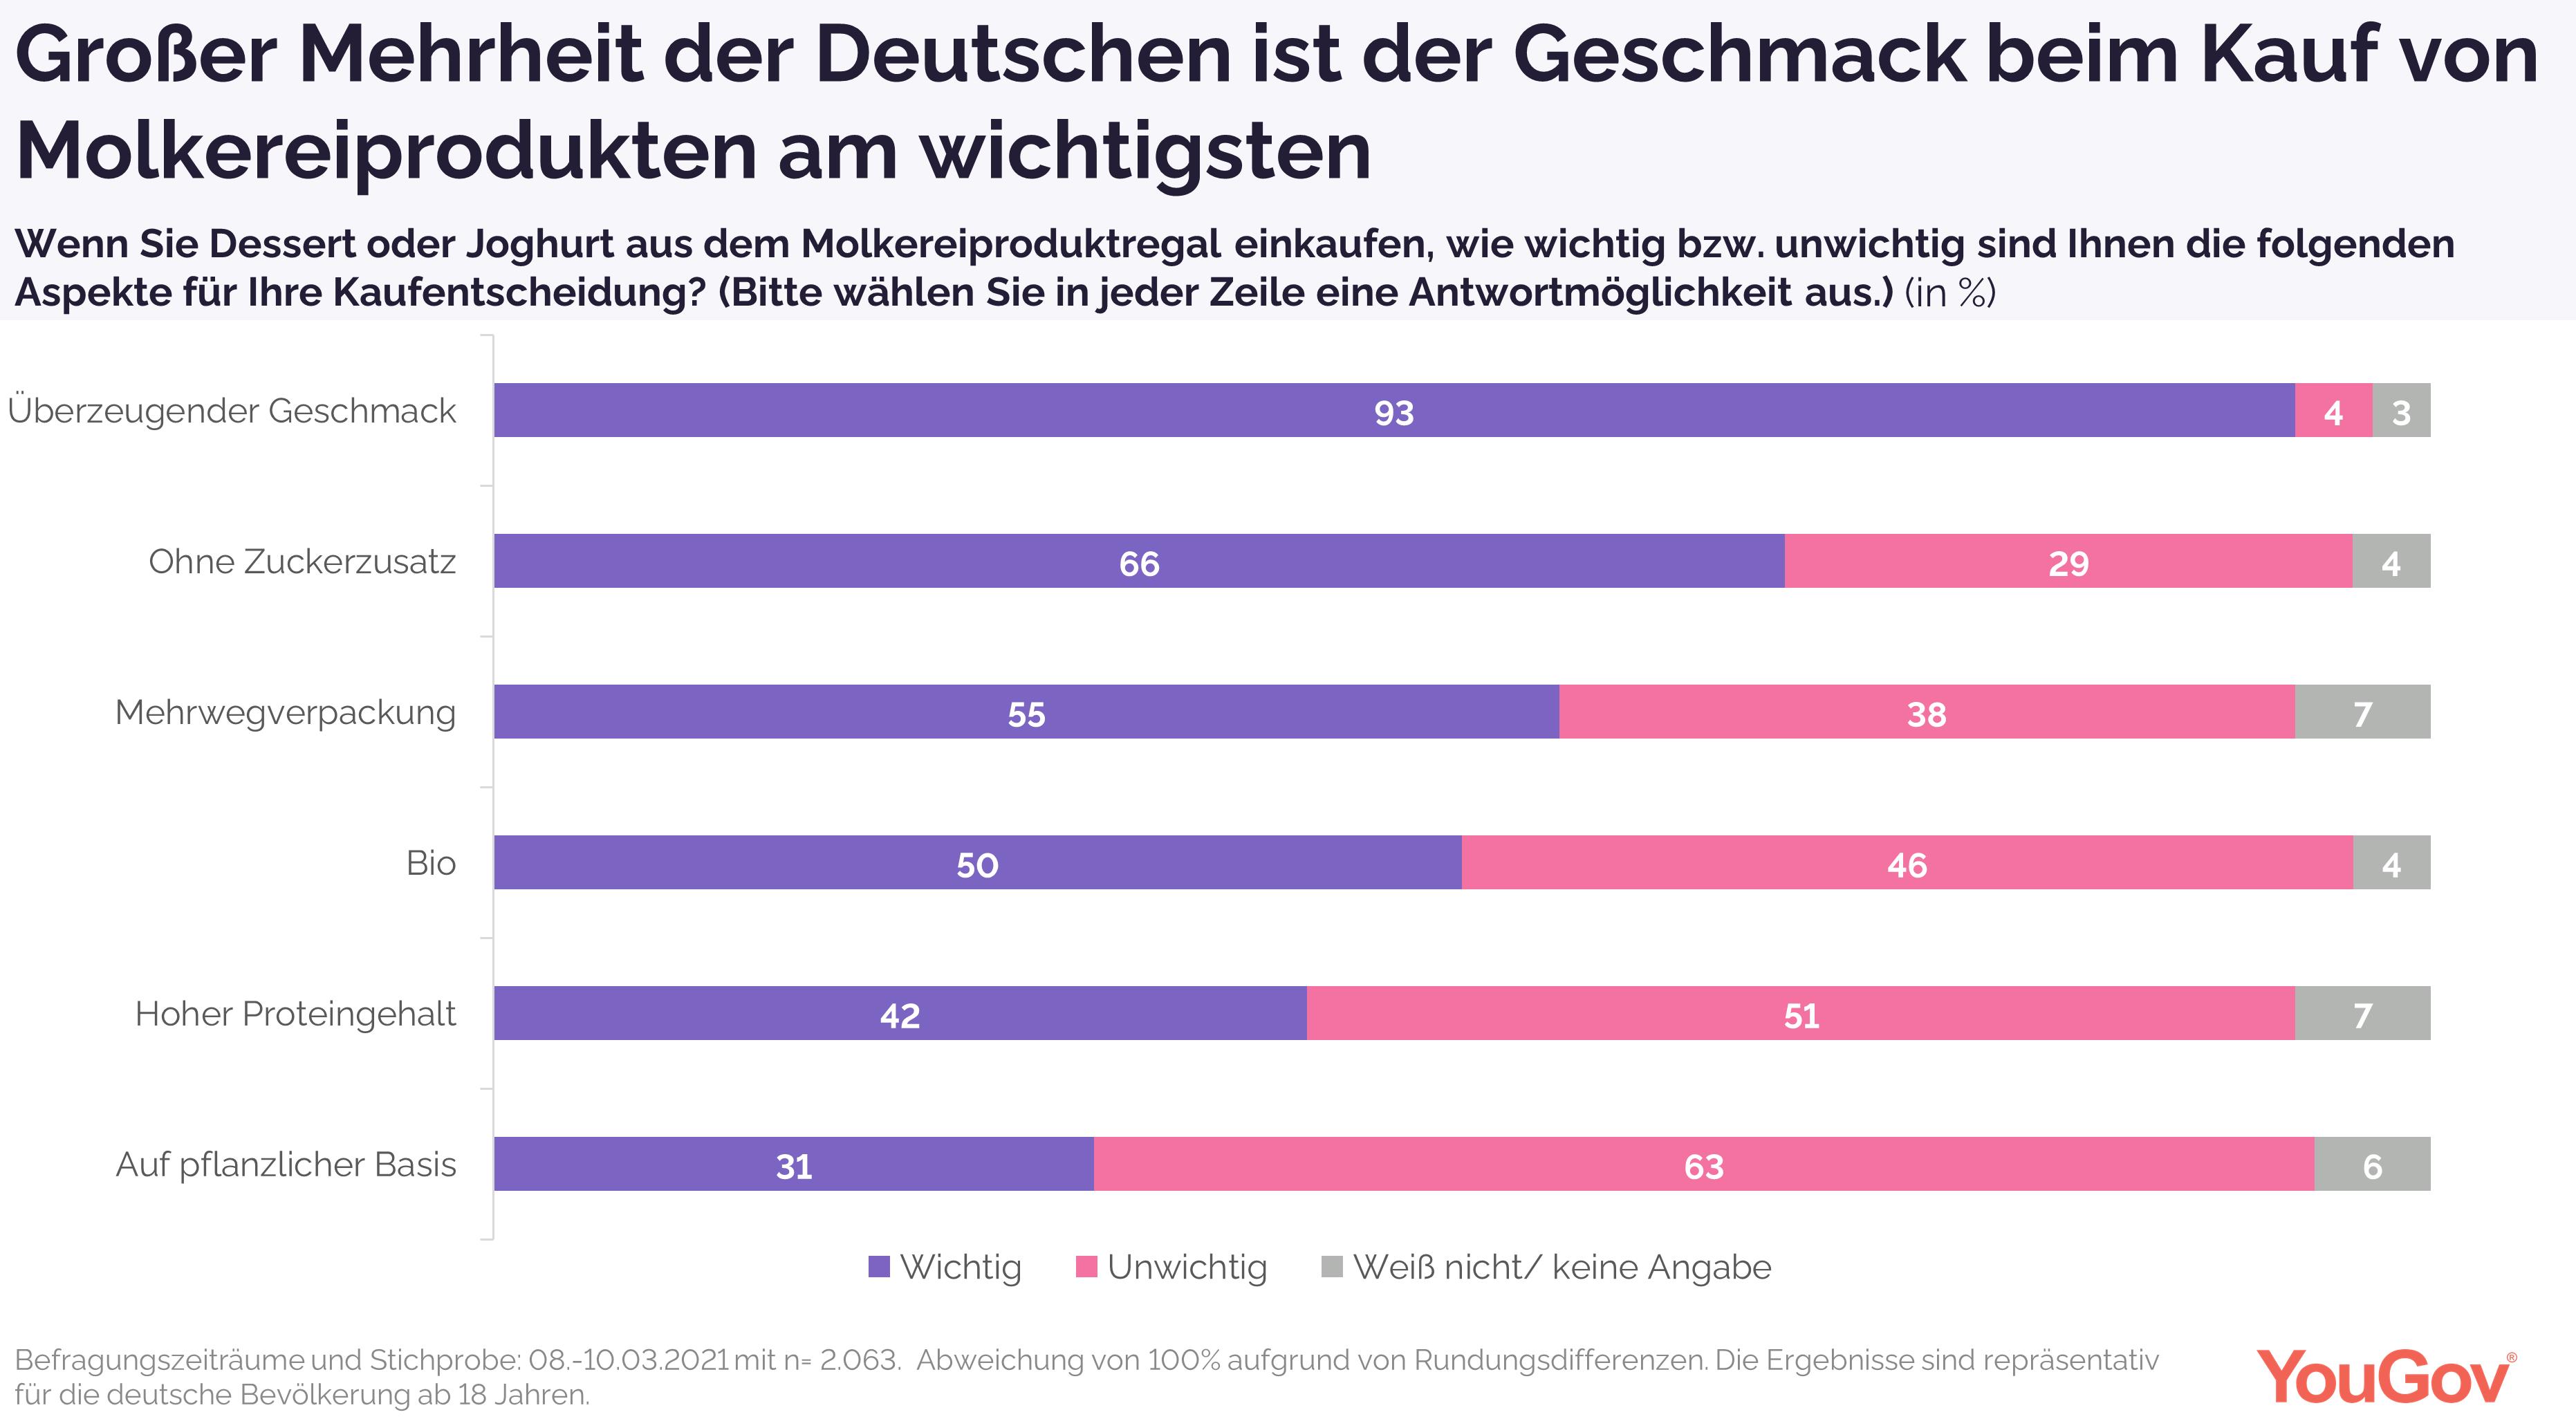 Großer Merheit der Deutschen ist generell der Geschmack bei Molkereiprodukten am wichtigsten